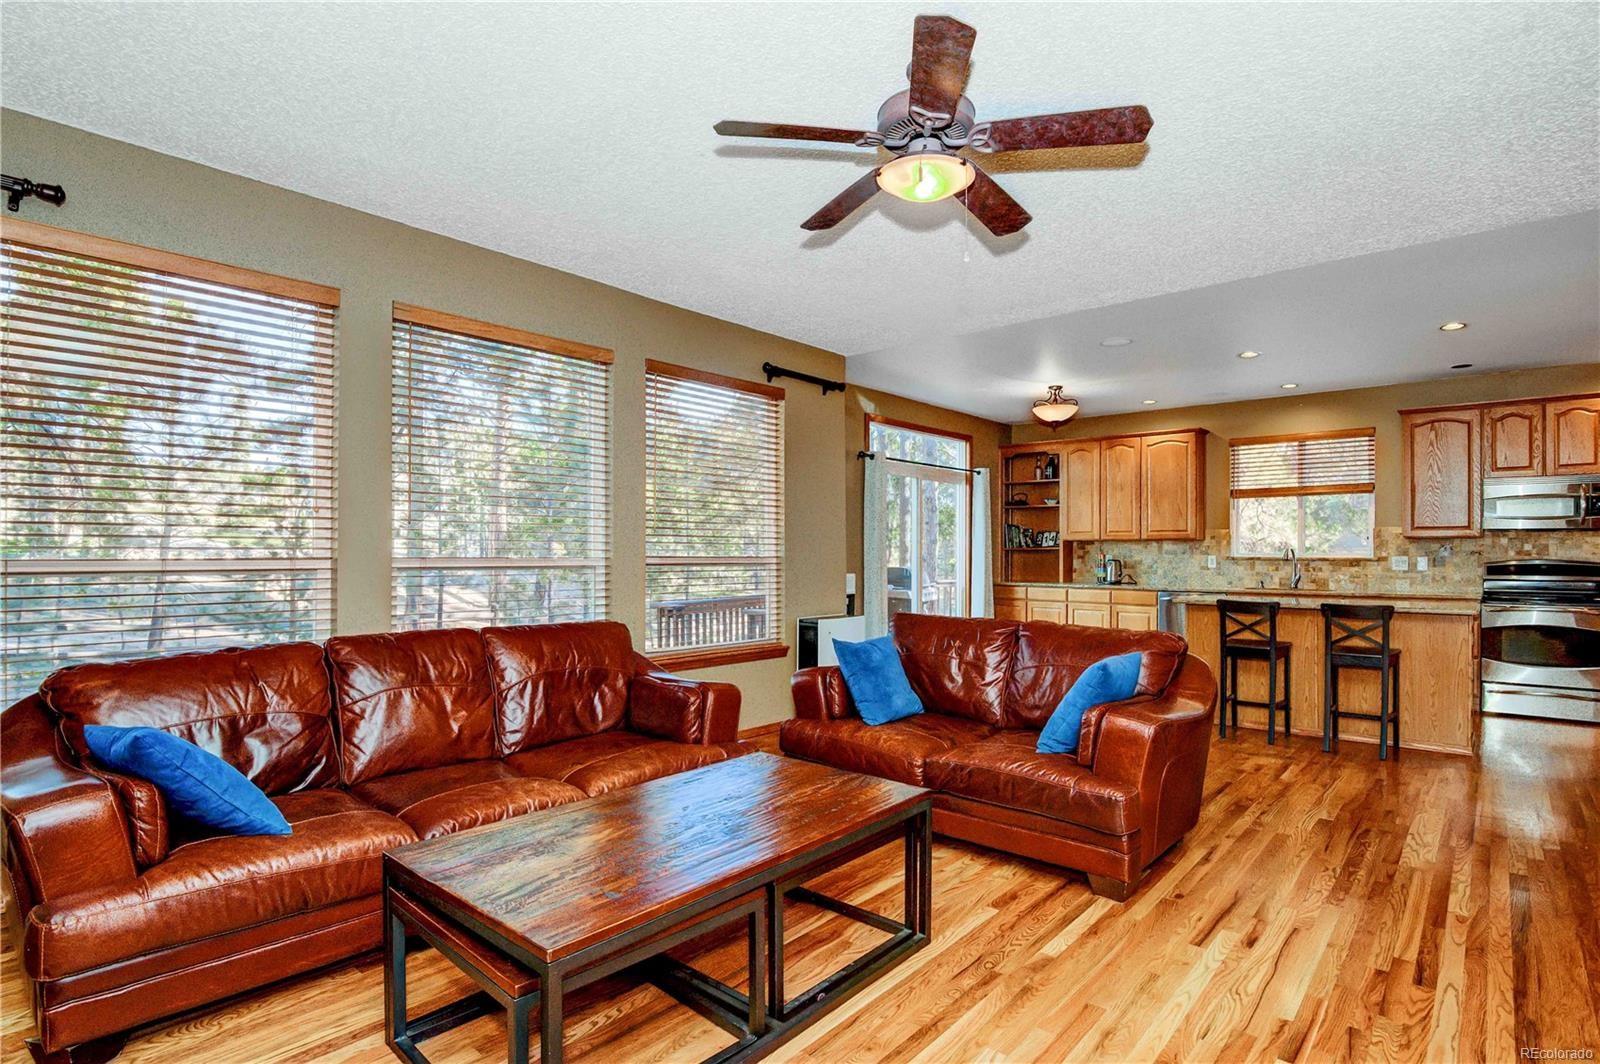 MLS# 5456451 - 7 - 15971 Woodmeadow Court, Colorado Springs, CO 80921